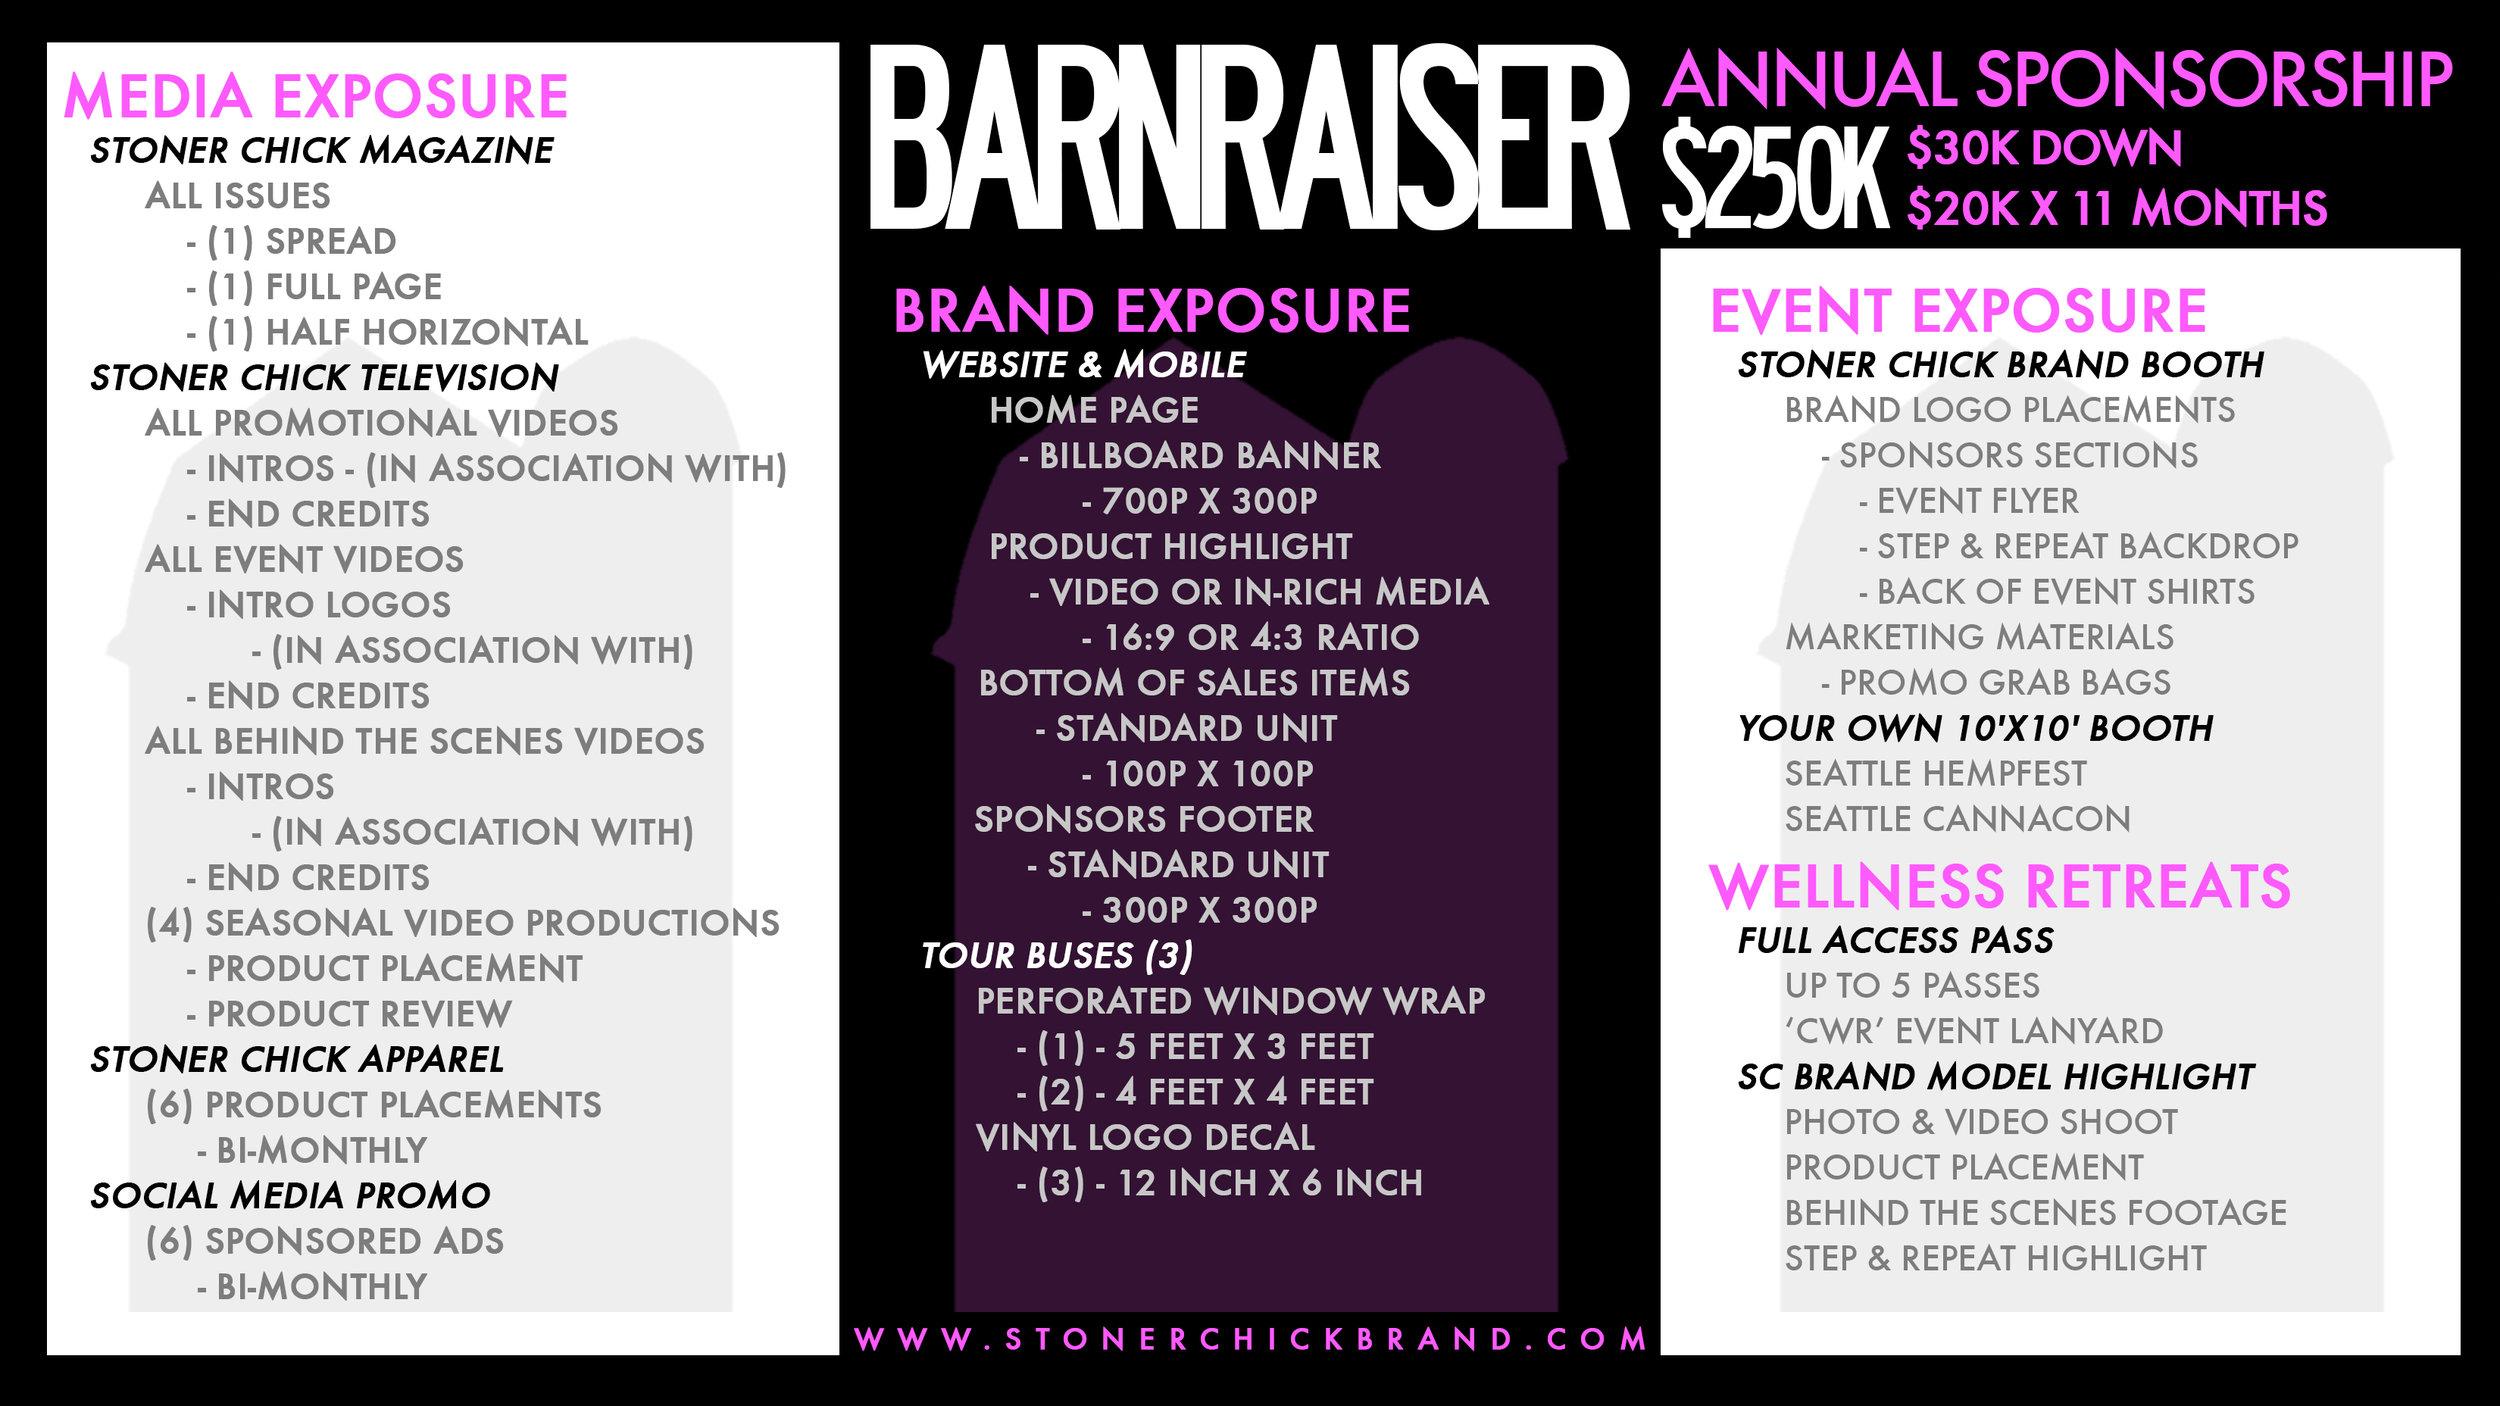 Sponsorships_barnraiser.jpg